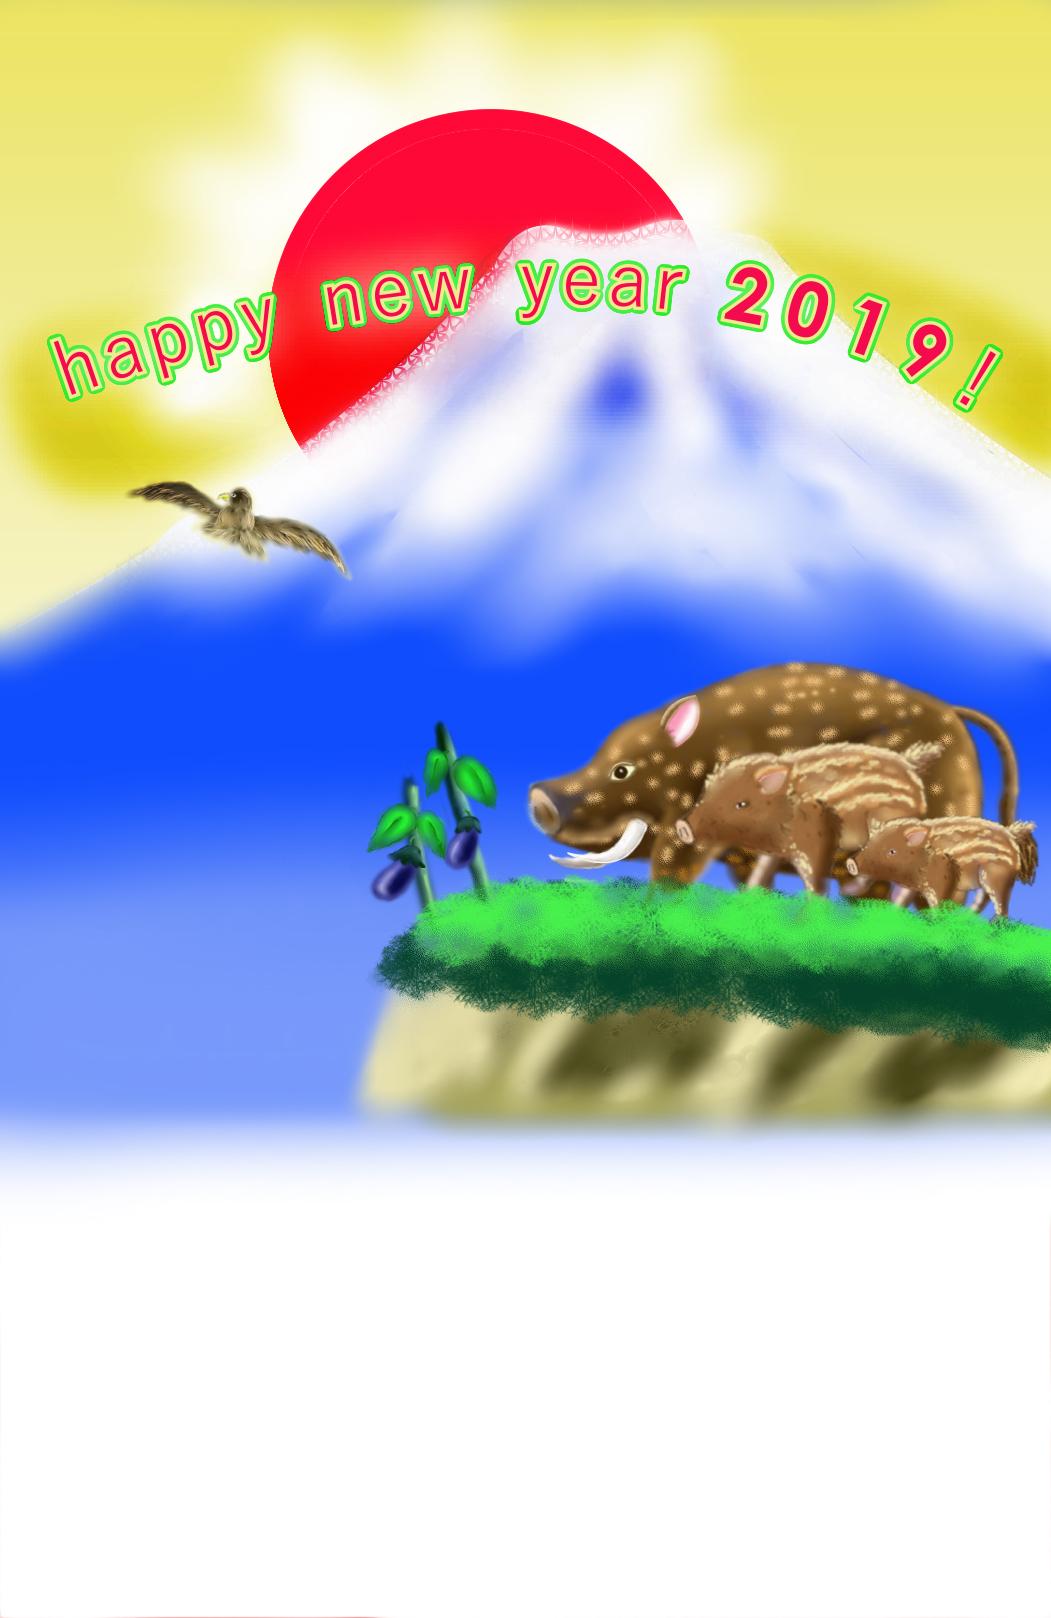 トド/一富士二鷹三なすびと初日の出(うり坊付き) happy new year 2019!